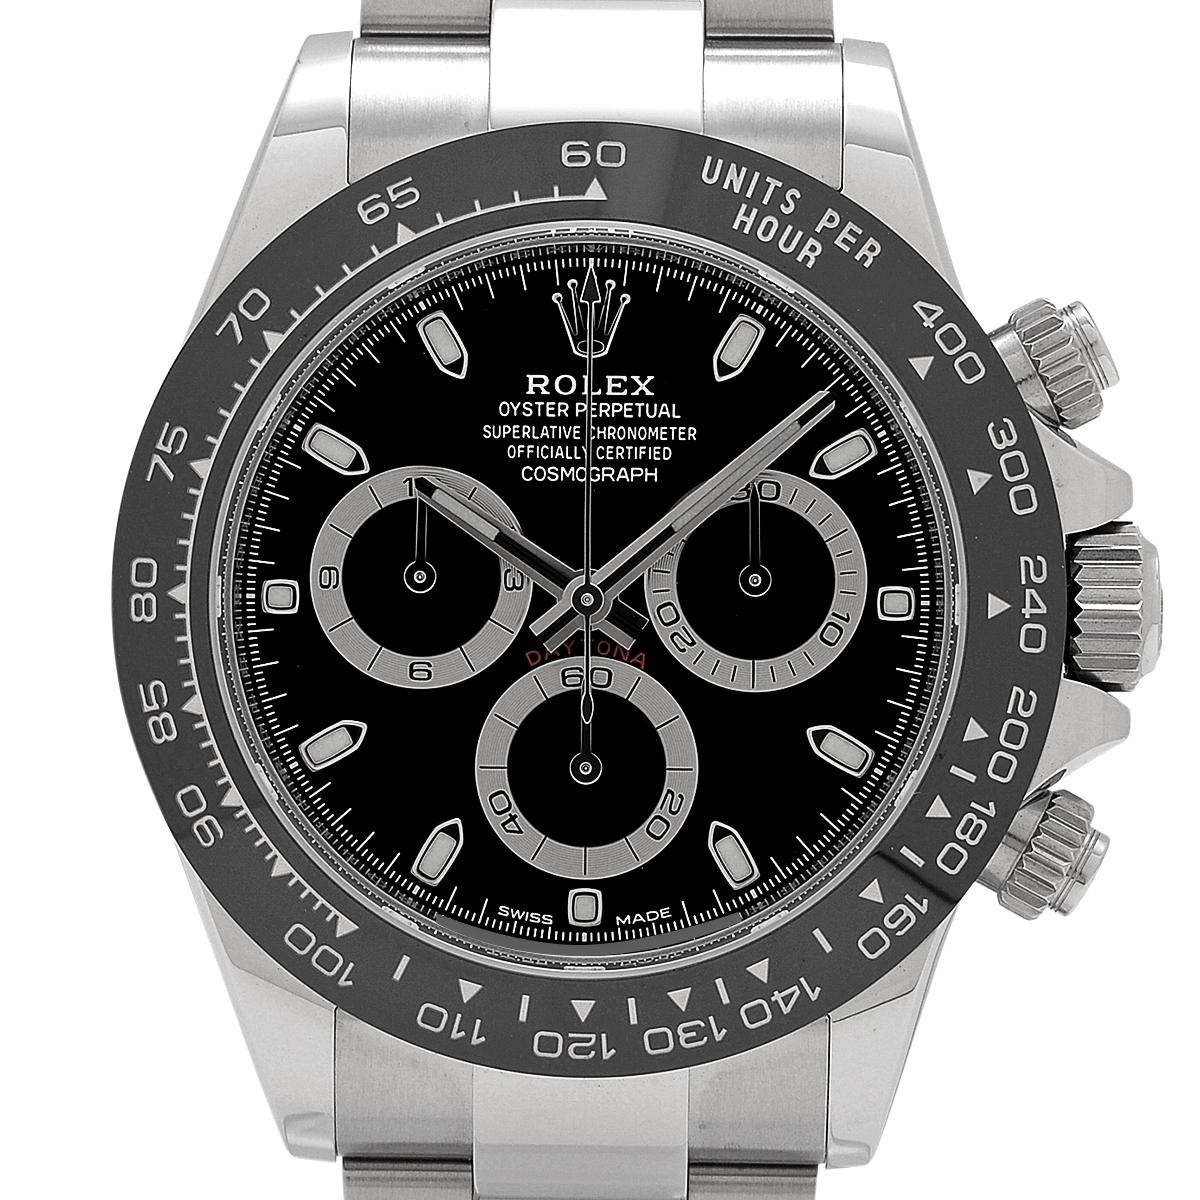 ロレックス ROLEX デイトナ 116500LN 腕時計 SS セラミック 自動巻き ブラック メンズ 【中古】